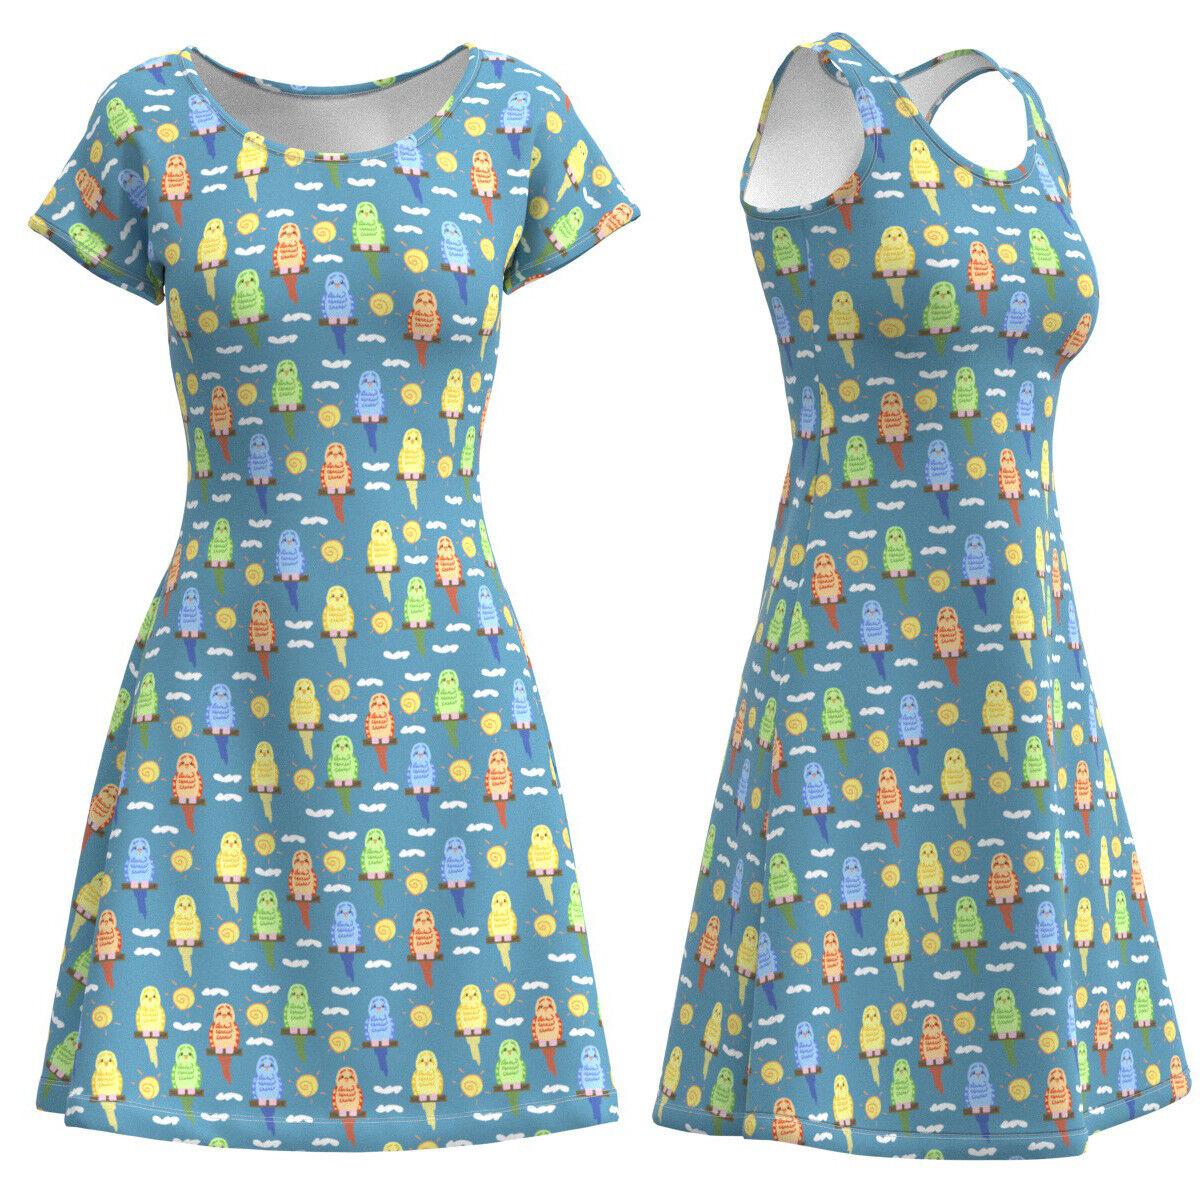 Budgie Budgerigar Parakeet Bird Women Short Sleeve Sleeveless Dress Size XS-5XL